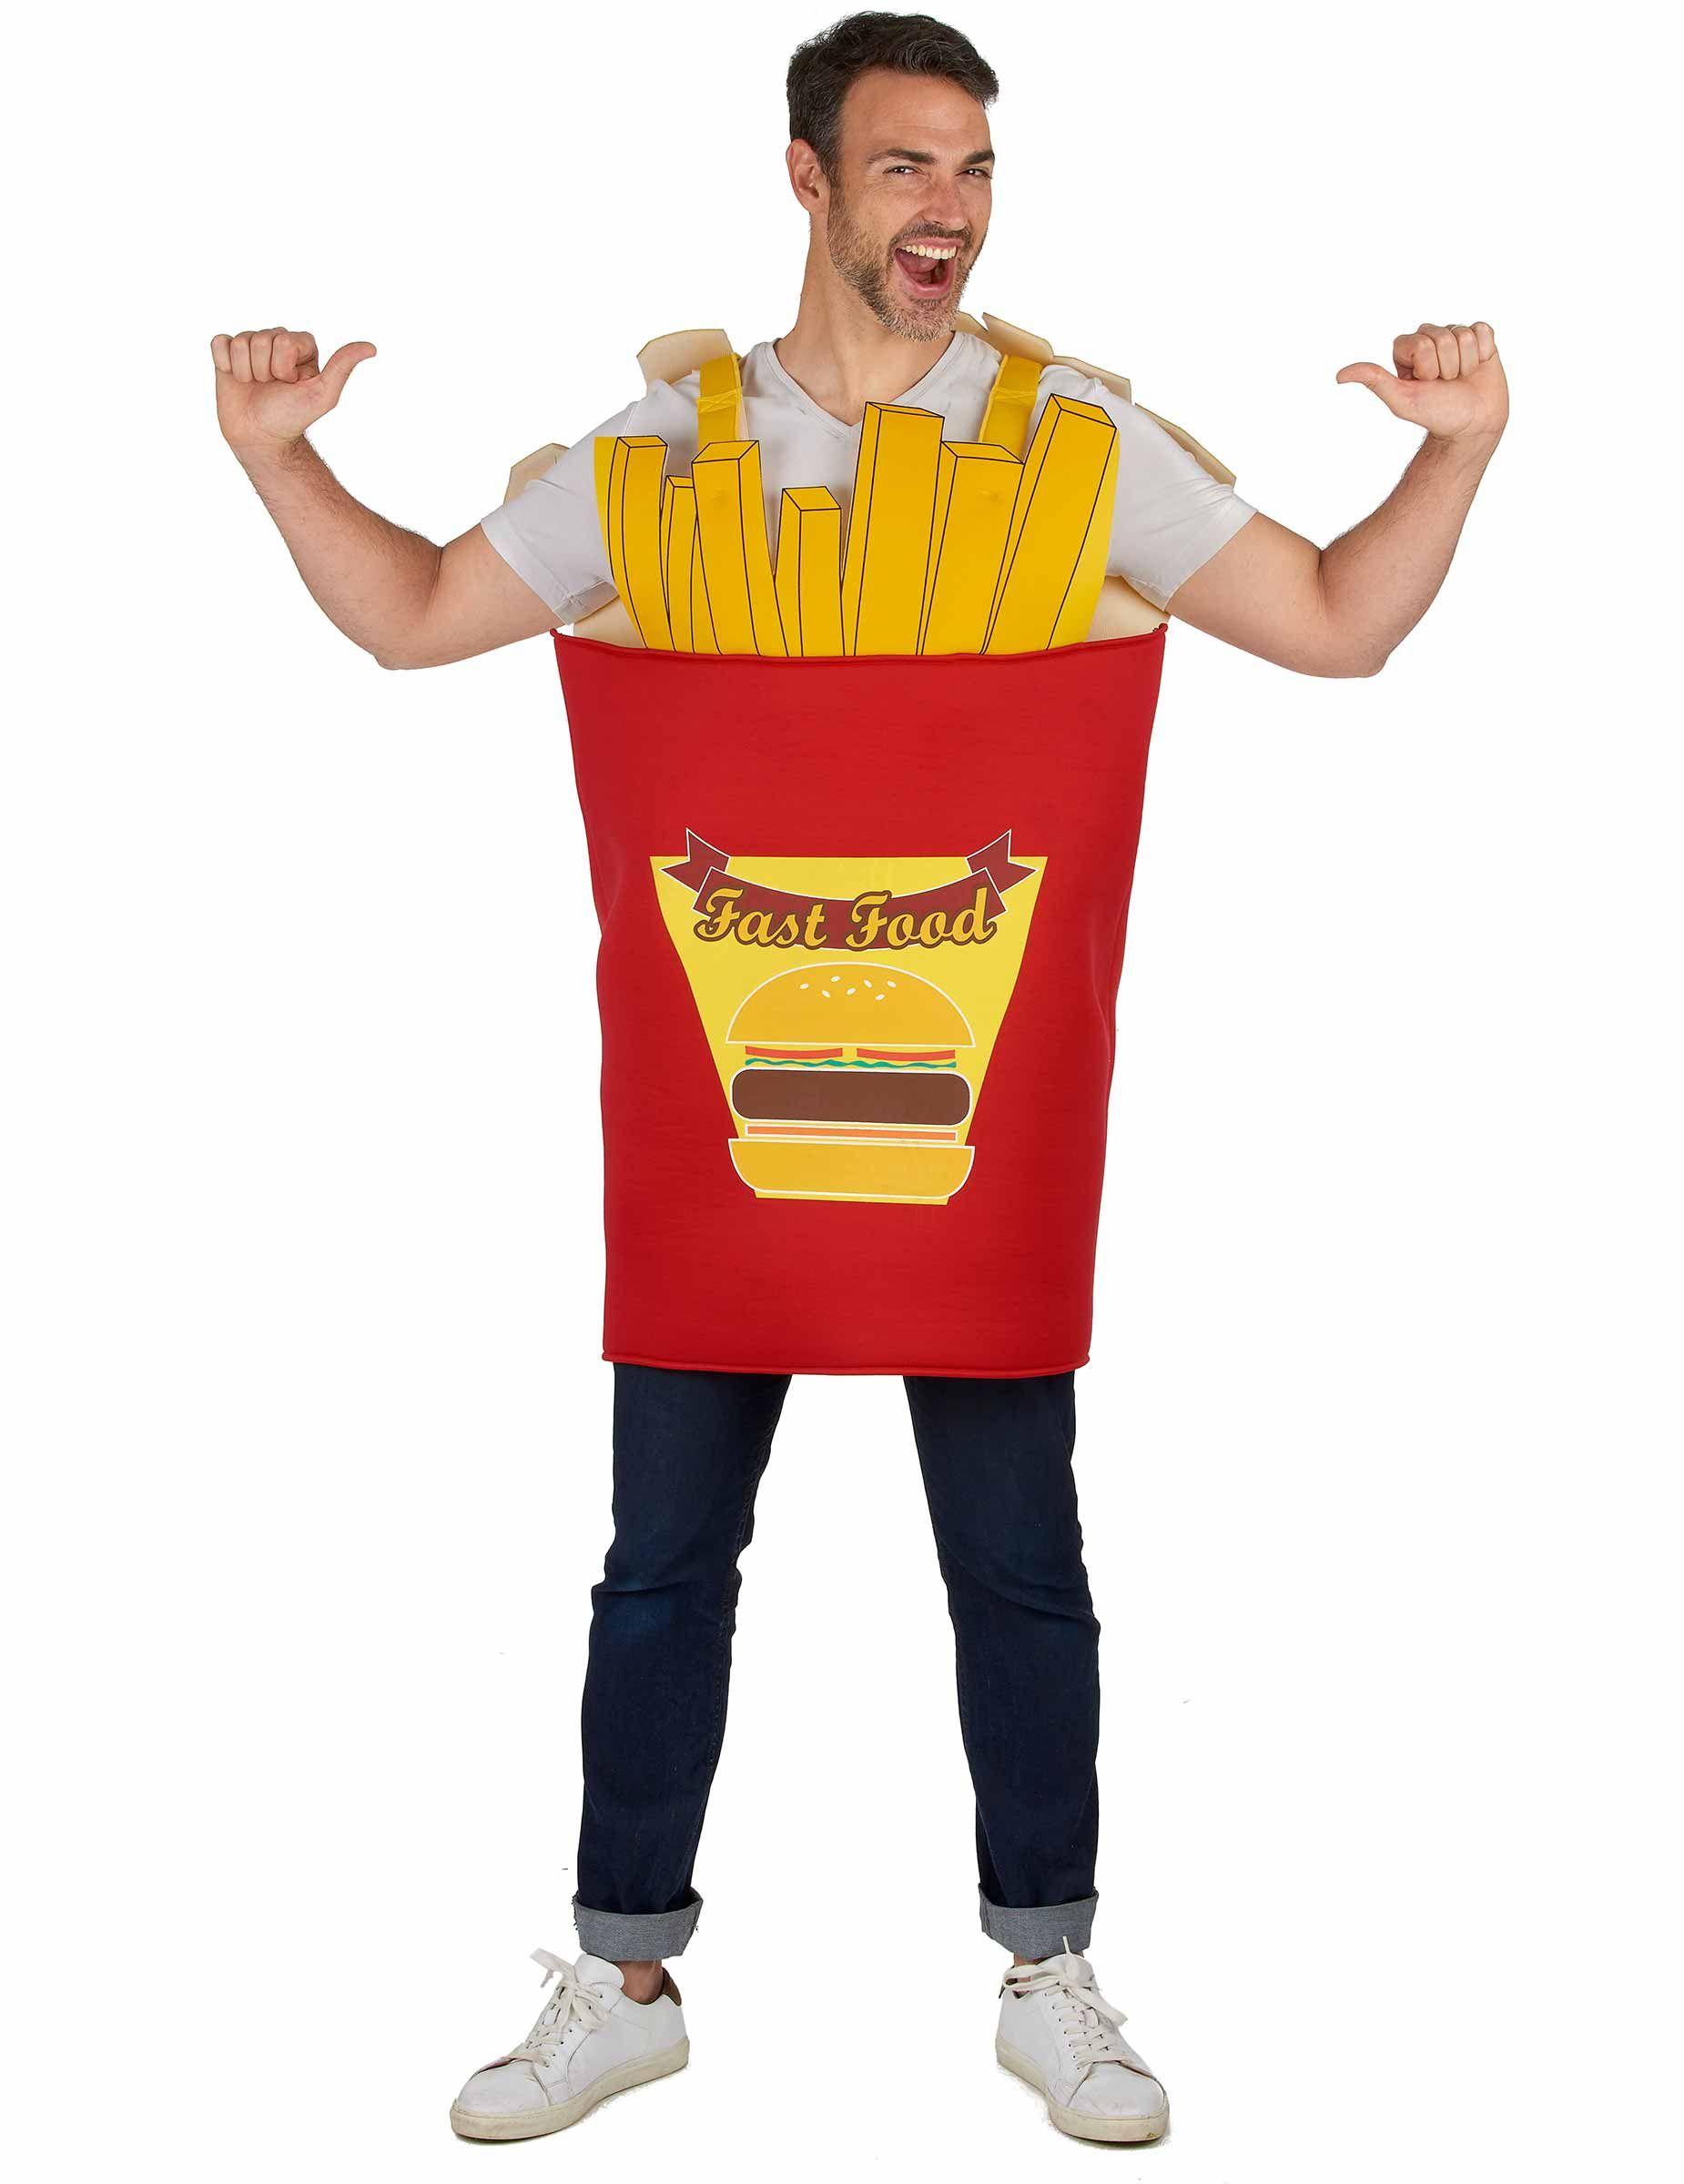 Ortaggi piselli Costume Per Adulti Unisex Costume puramente vegetariano BUFFO